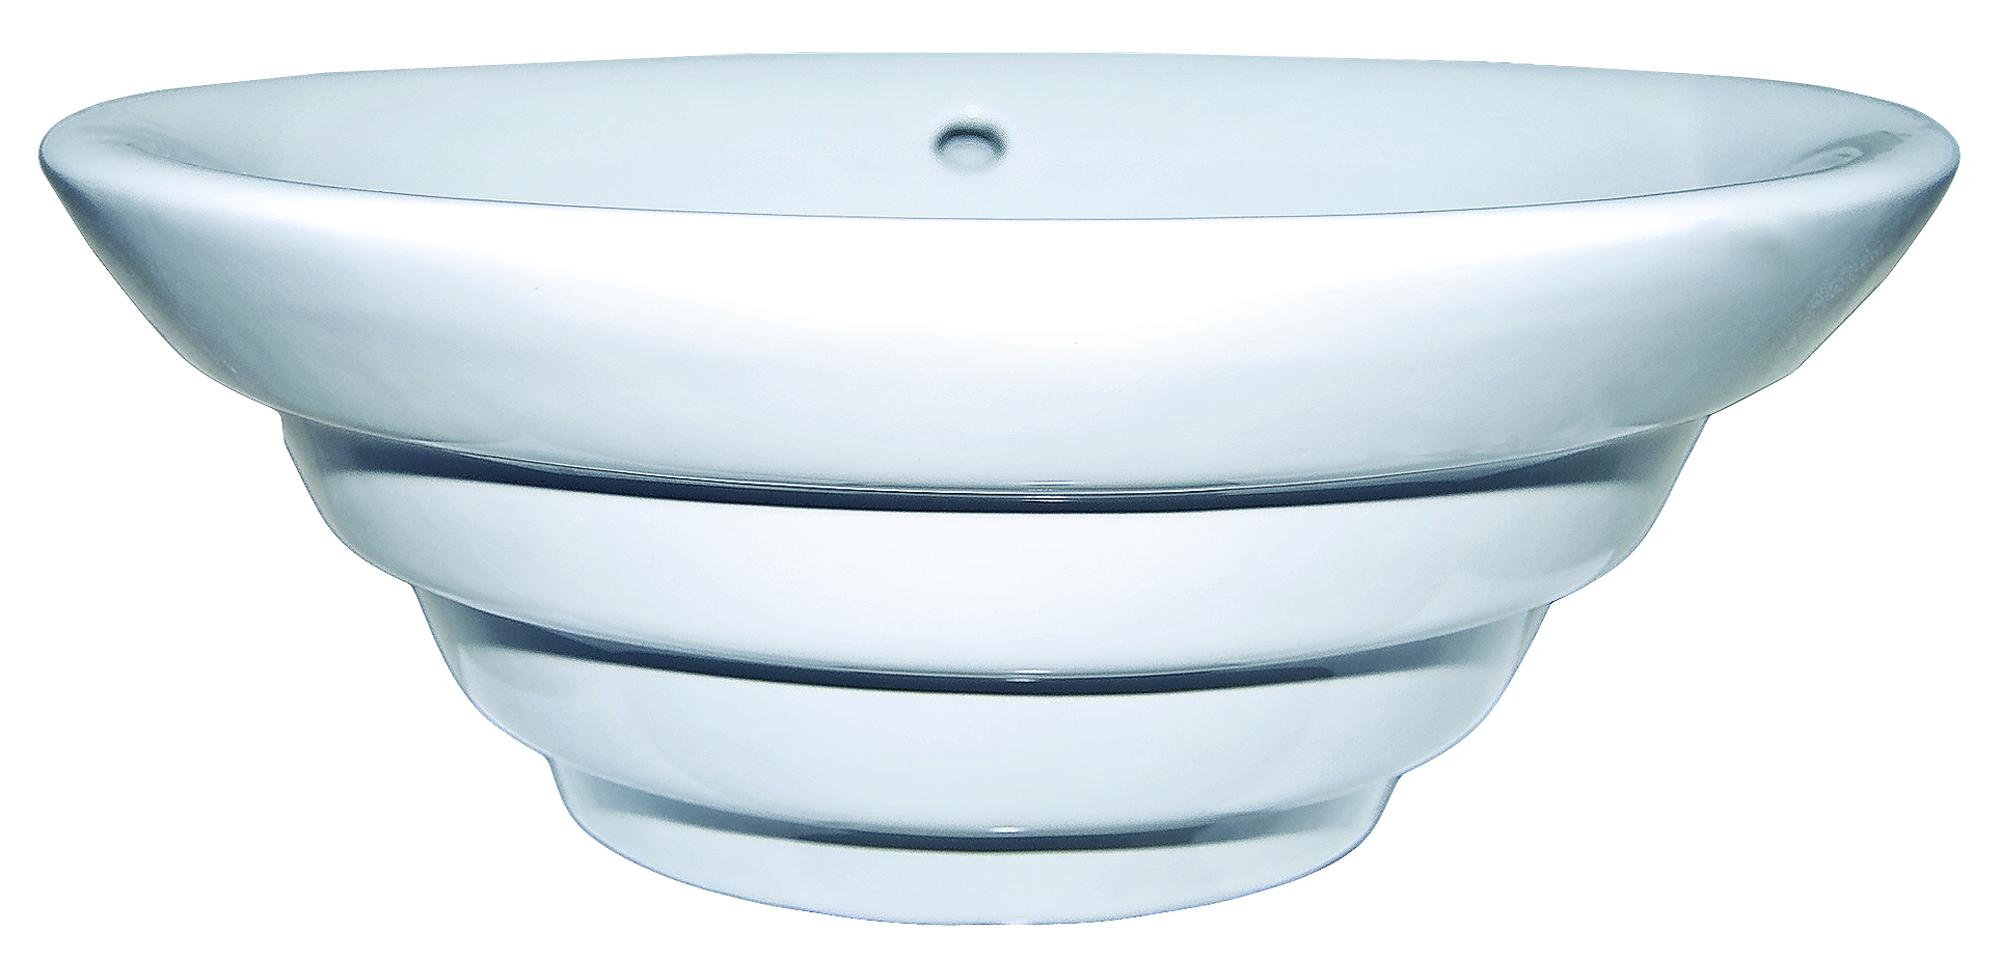 Vessel Porcelain Bathroom Sink